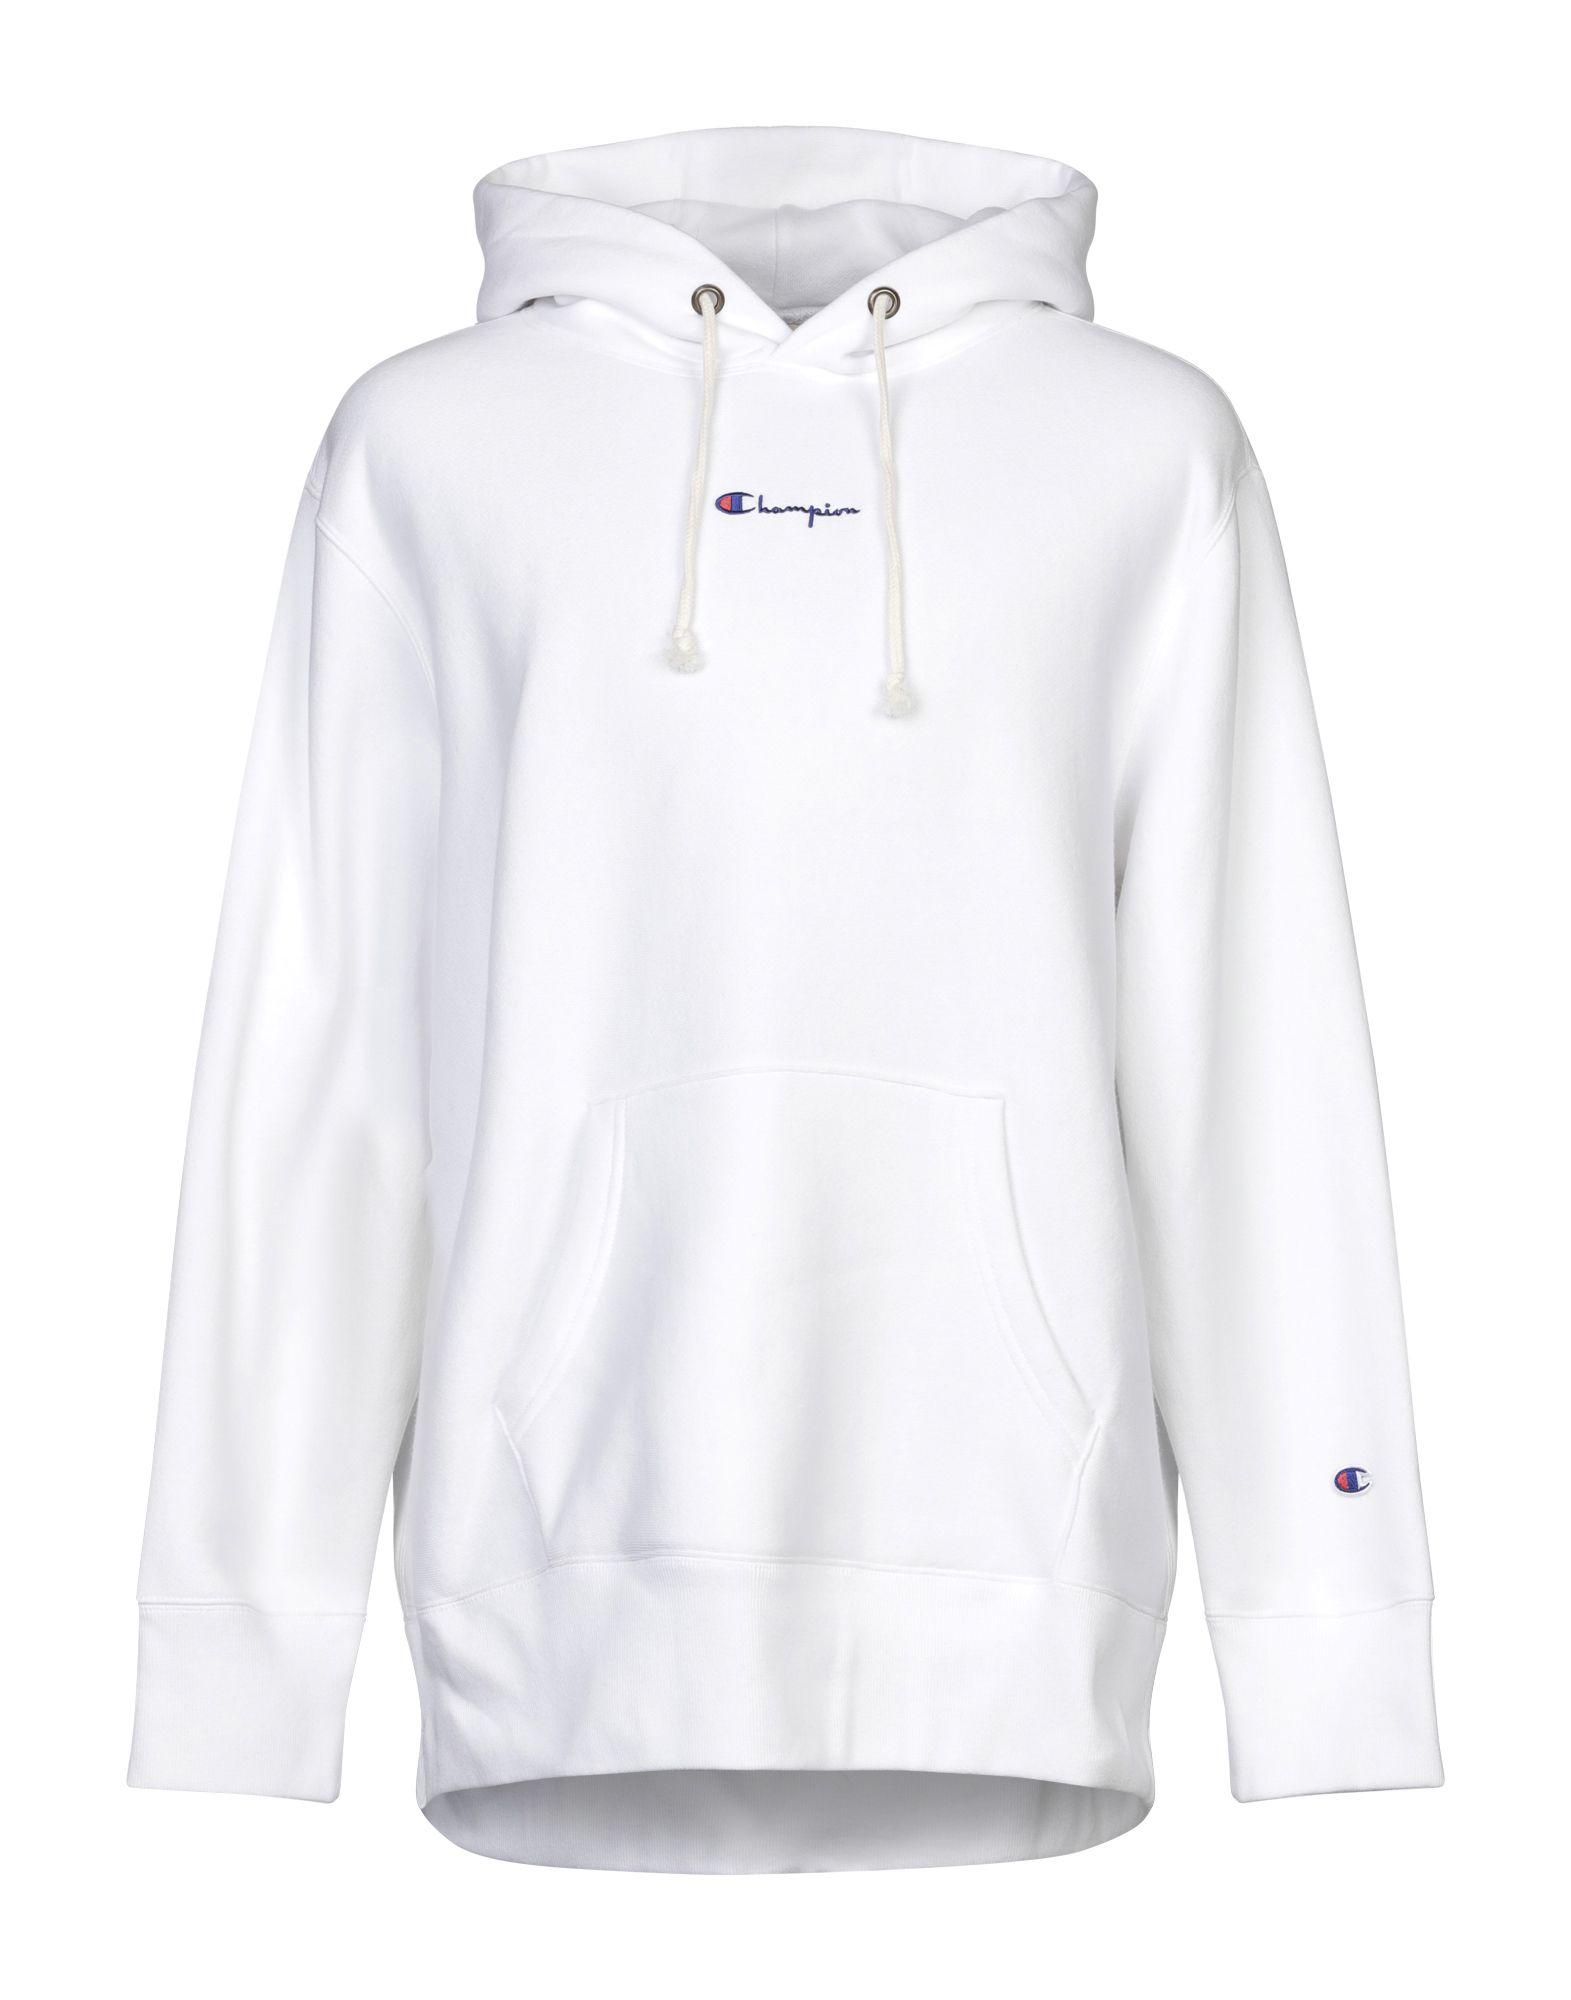 《セール開催中》CHAMPION メンズ スウェットシャツ ホワイト M コットン 84% / ポリエステル 16%